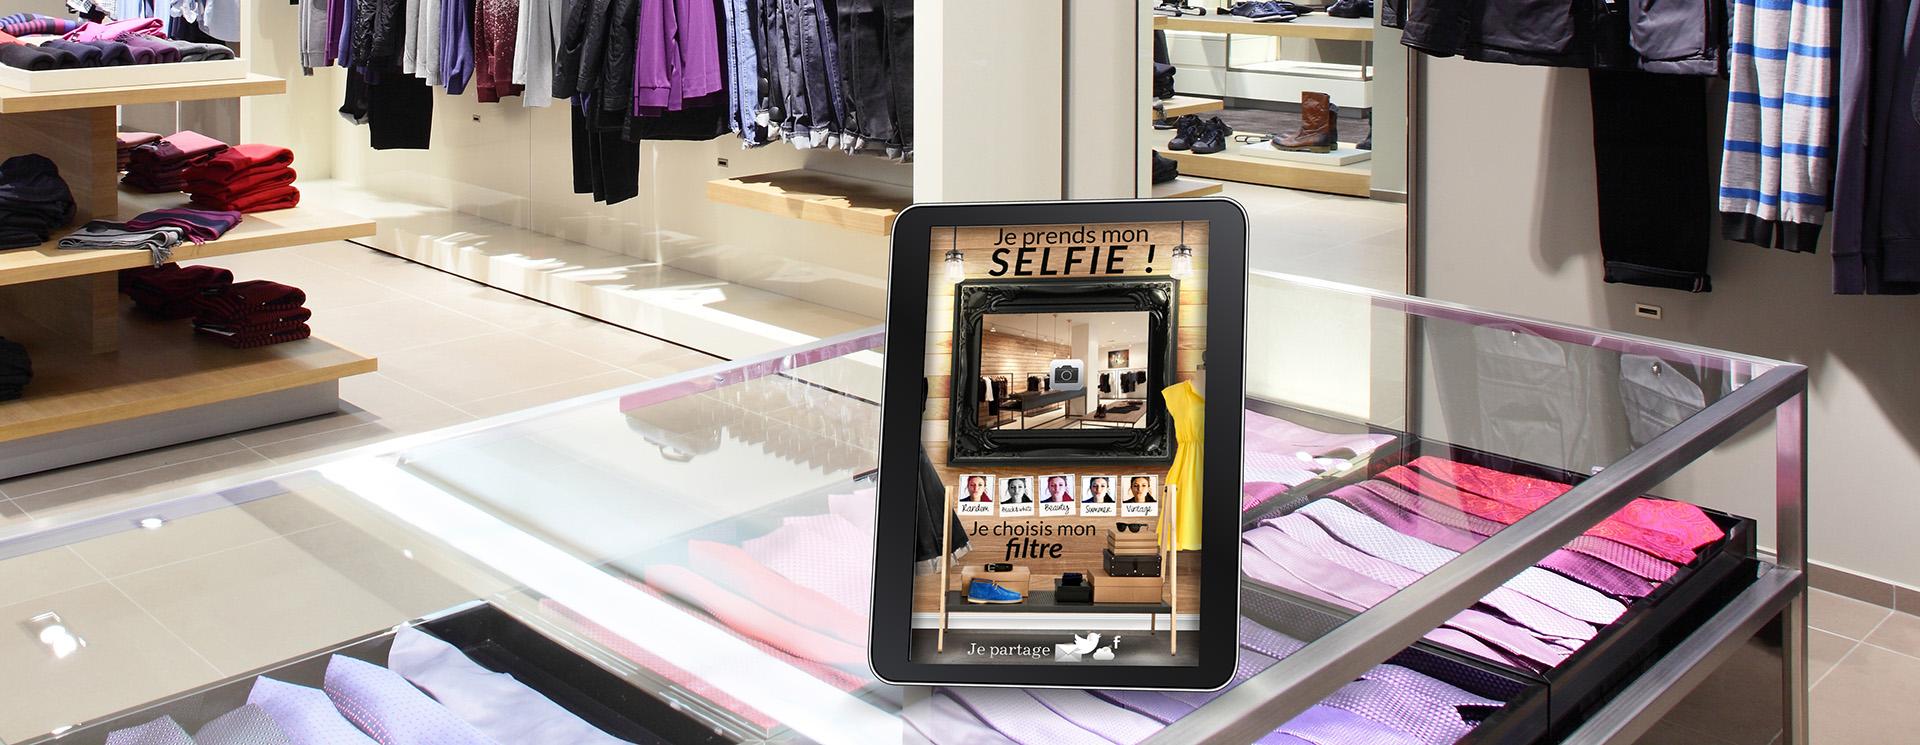 """utiliser des tablettes """"selfie"""" pour animer les ventes"""